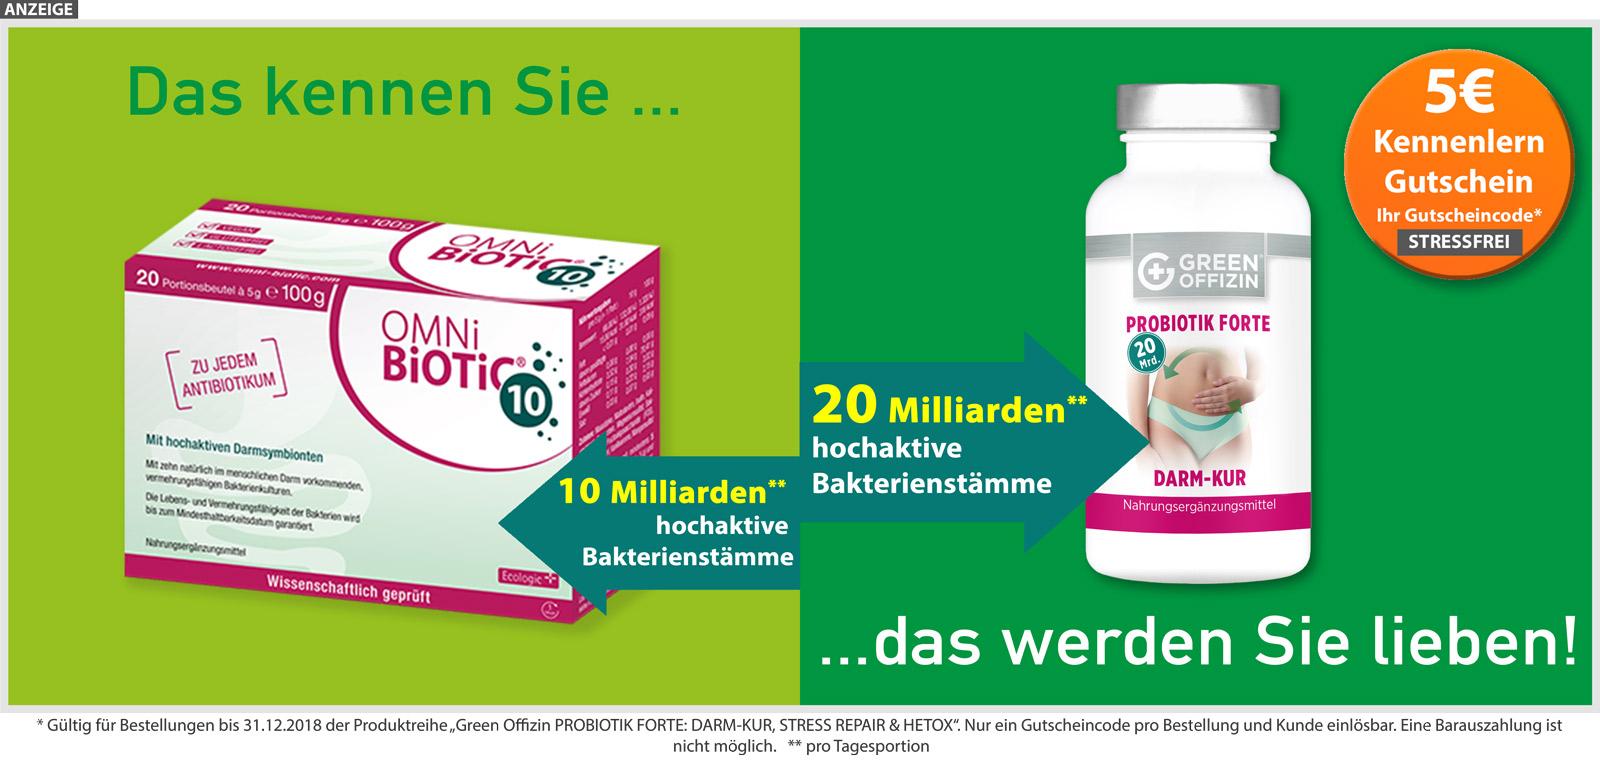 Vergleich-Omnibiotik-Probiotik_Forte_Green-Offizin_Darm-Kur